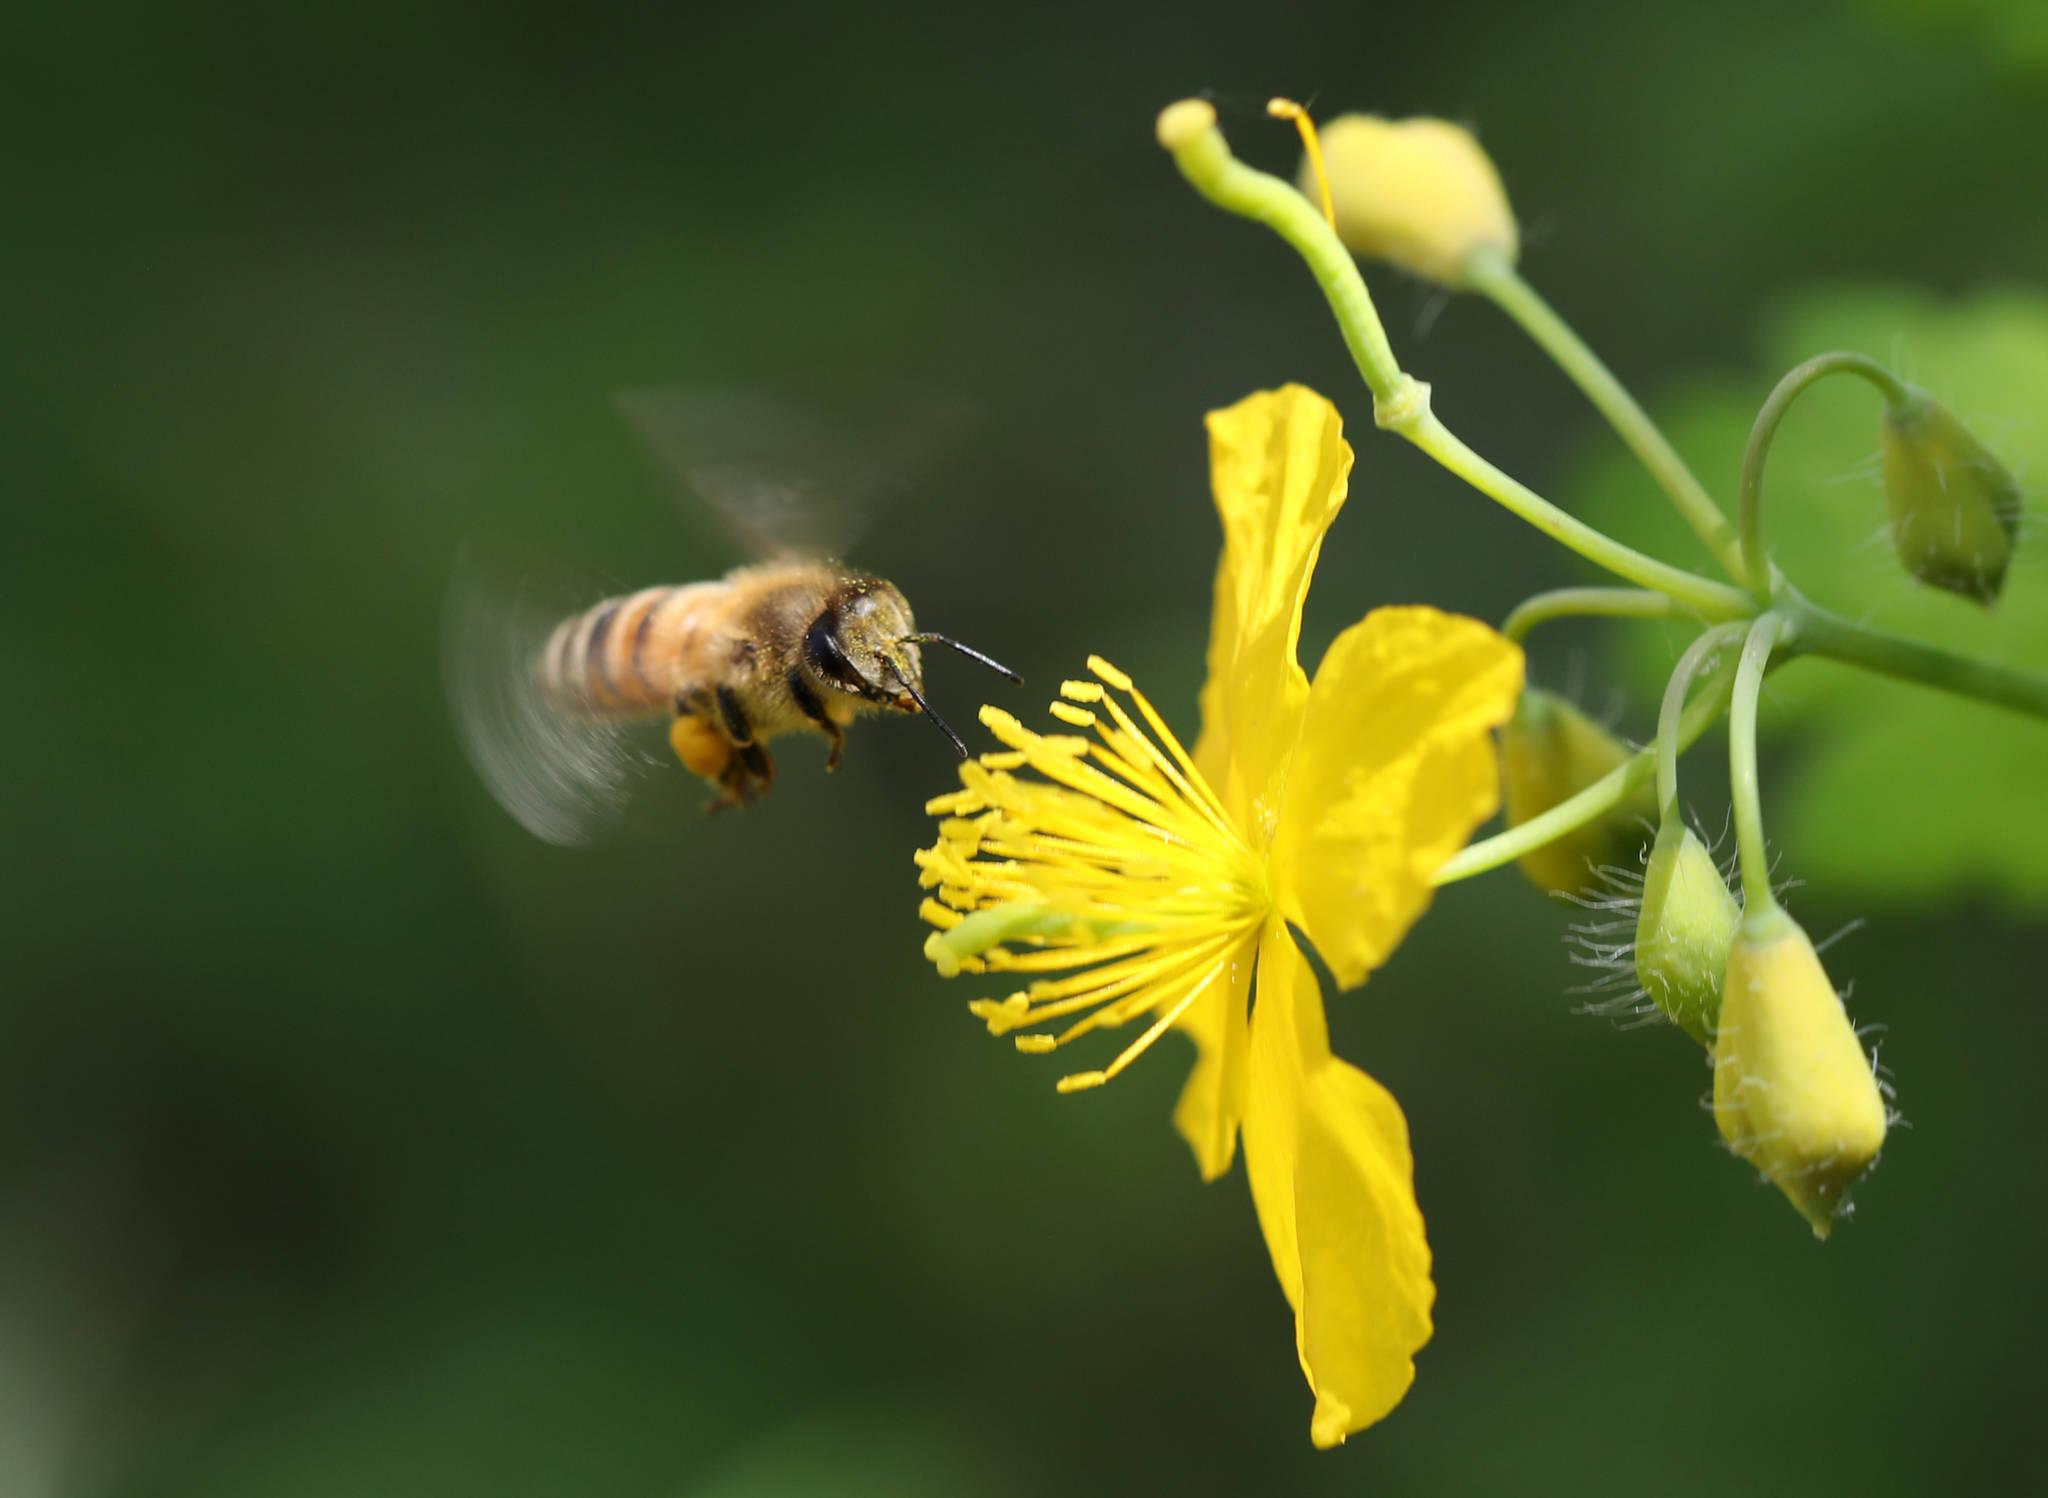 지난 5월 강원 춘천시 온의동 산책길에 만난 애기똥풀의 꽃에서 꿀벌이 꿀을 찾고 있다. 꿀벌의 다리에는 애기똥풀의 노란 꽃가루가 잔뜩 묻어 있다. [연합뉴스]